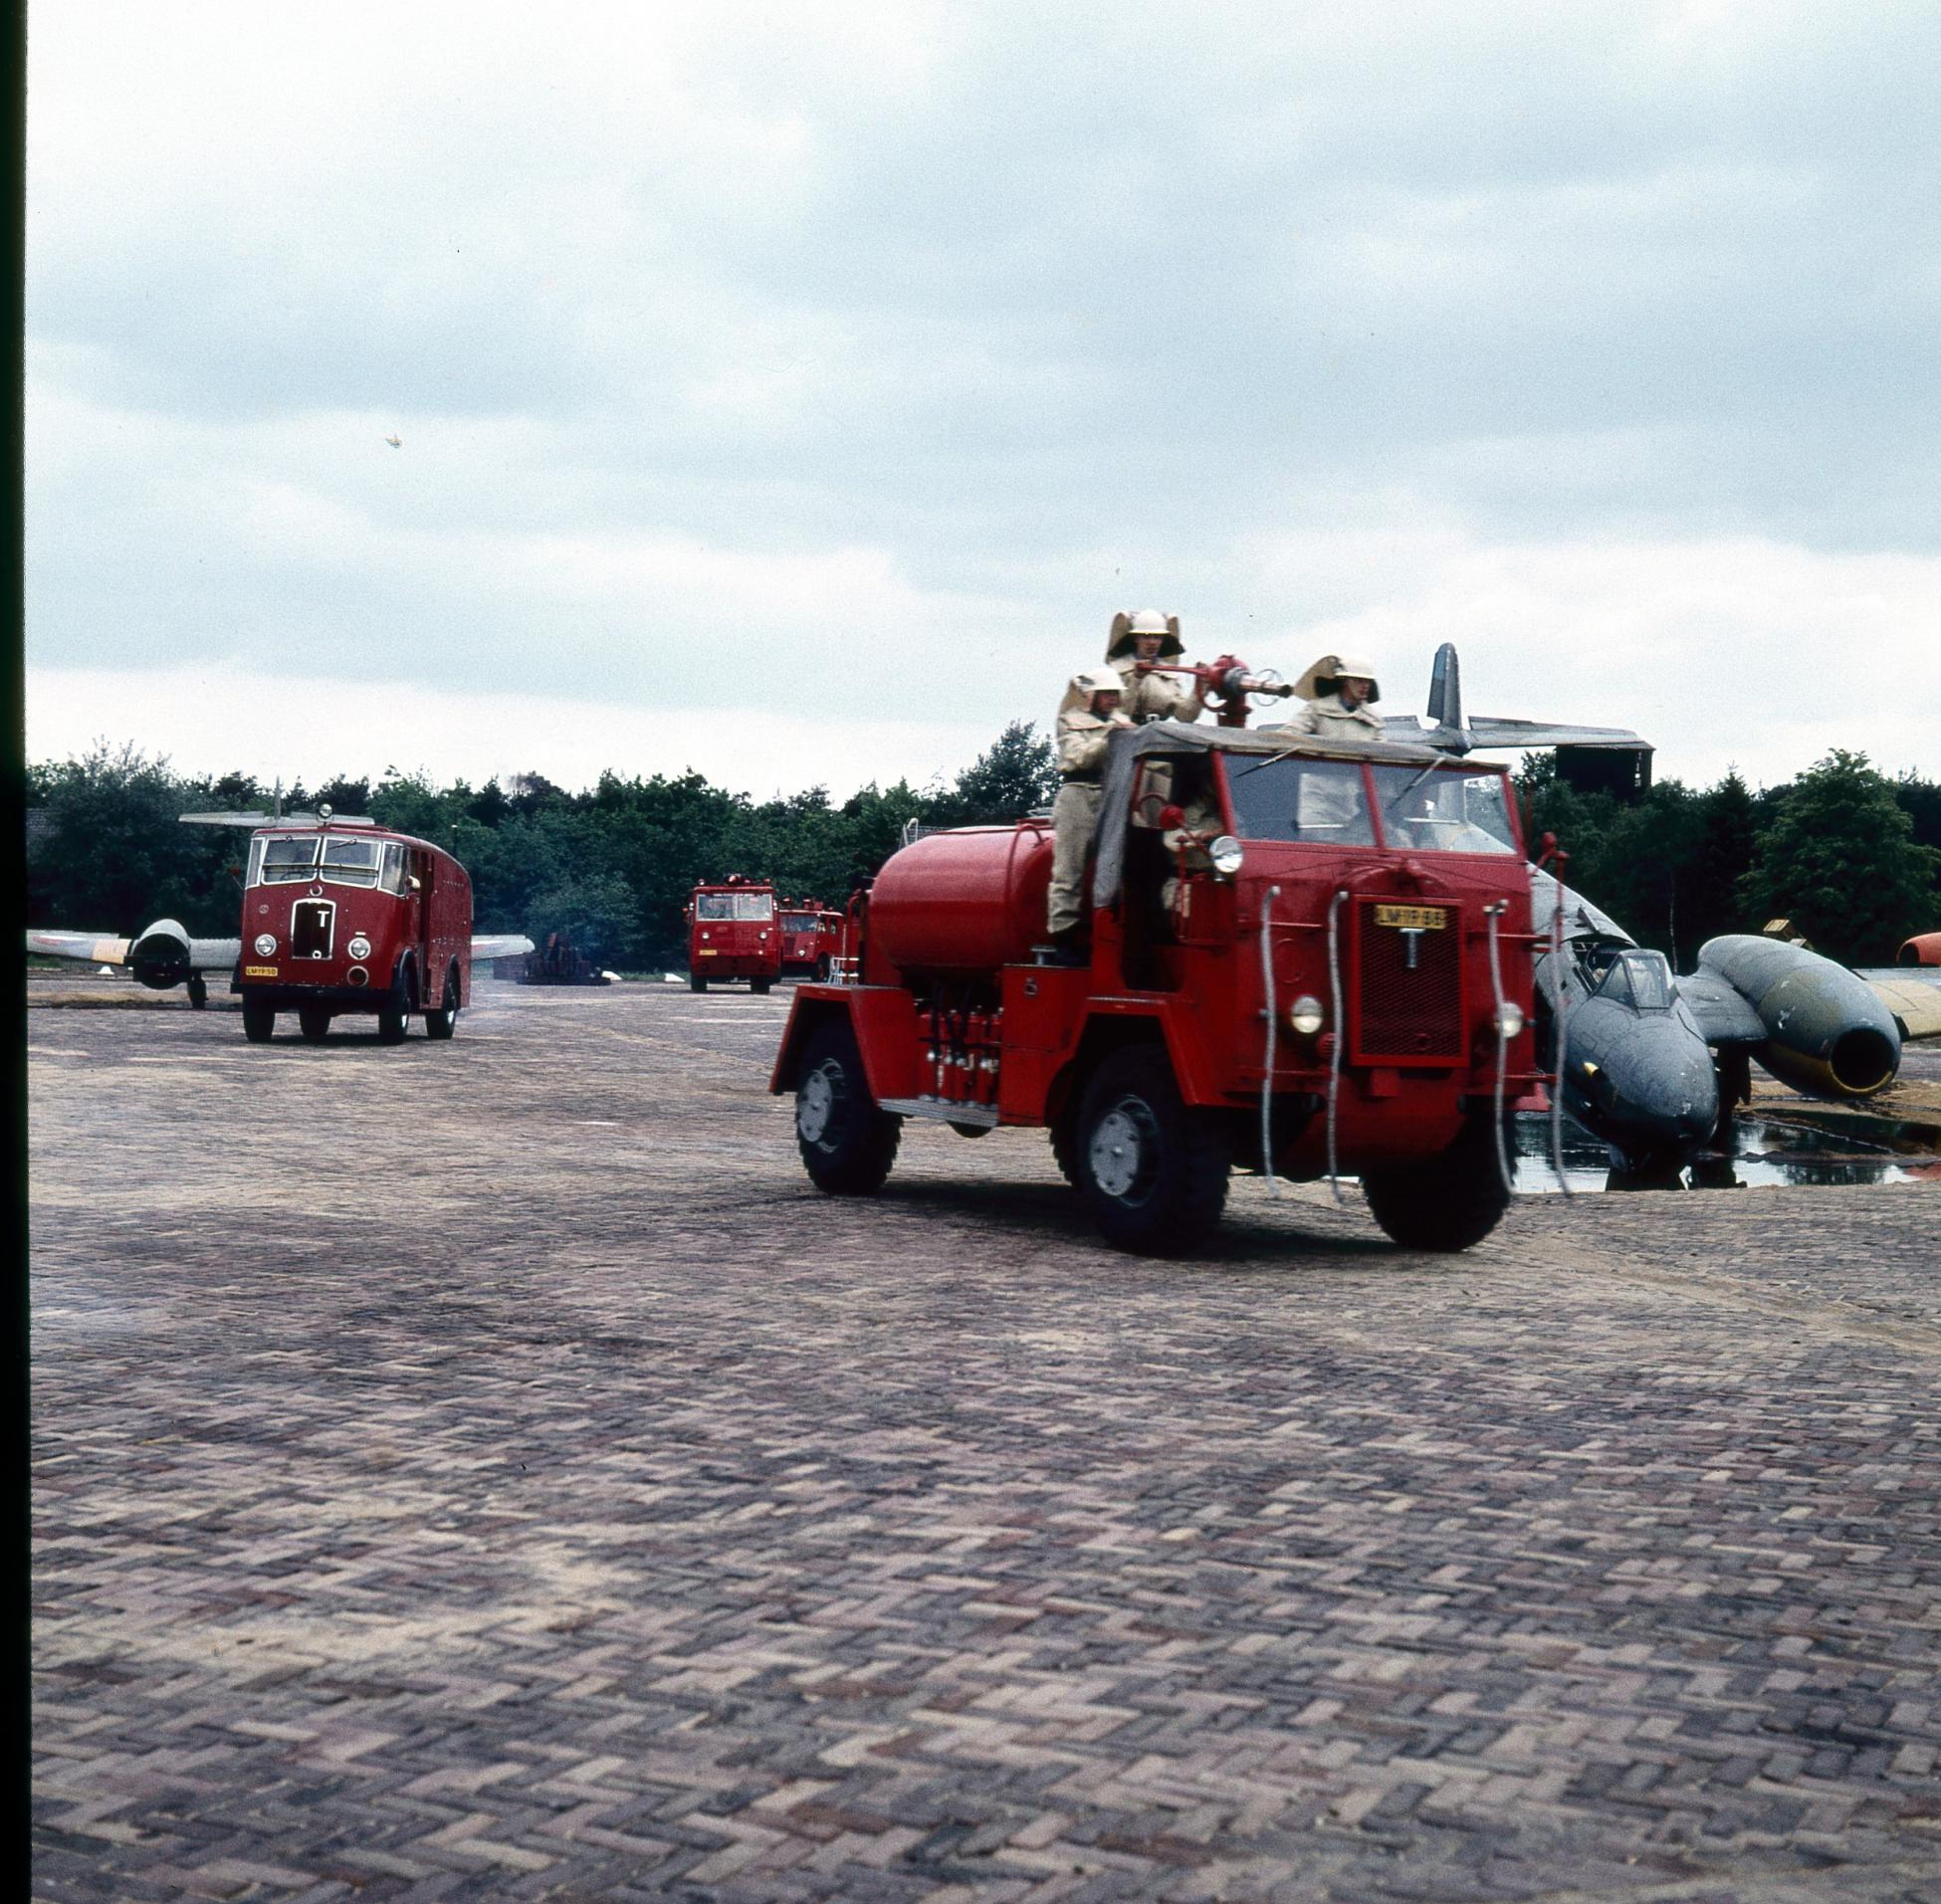 Naam: brandweer070 (Custom).jpg Bekeken: 360 Grootte: 495,5 KB